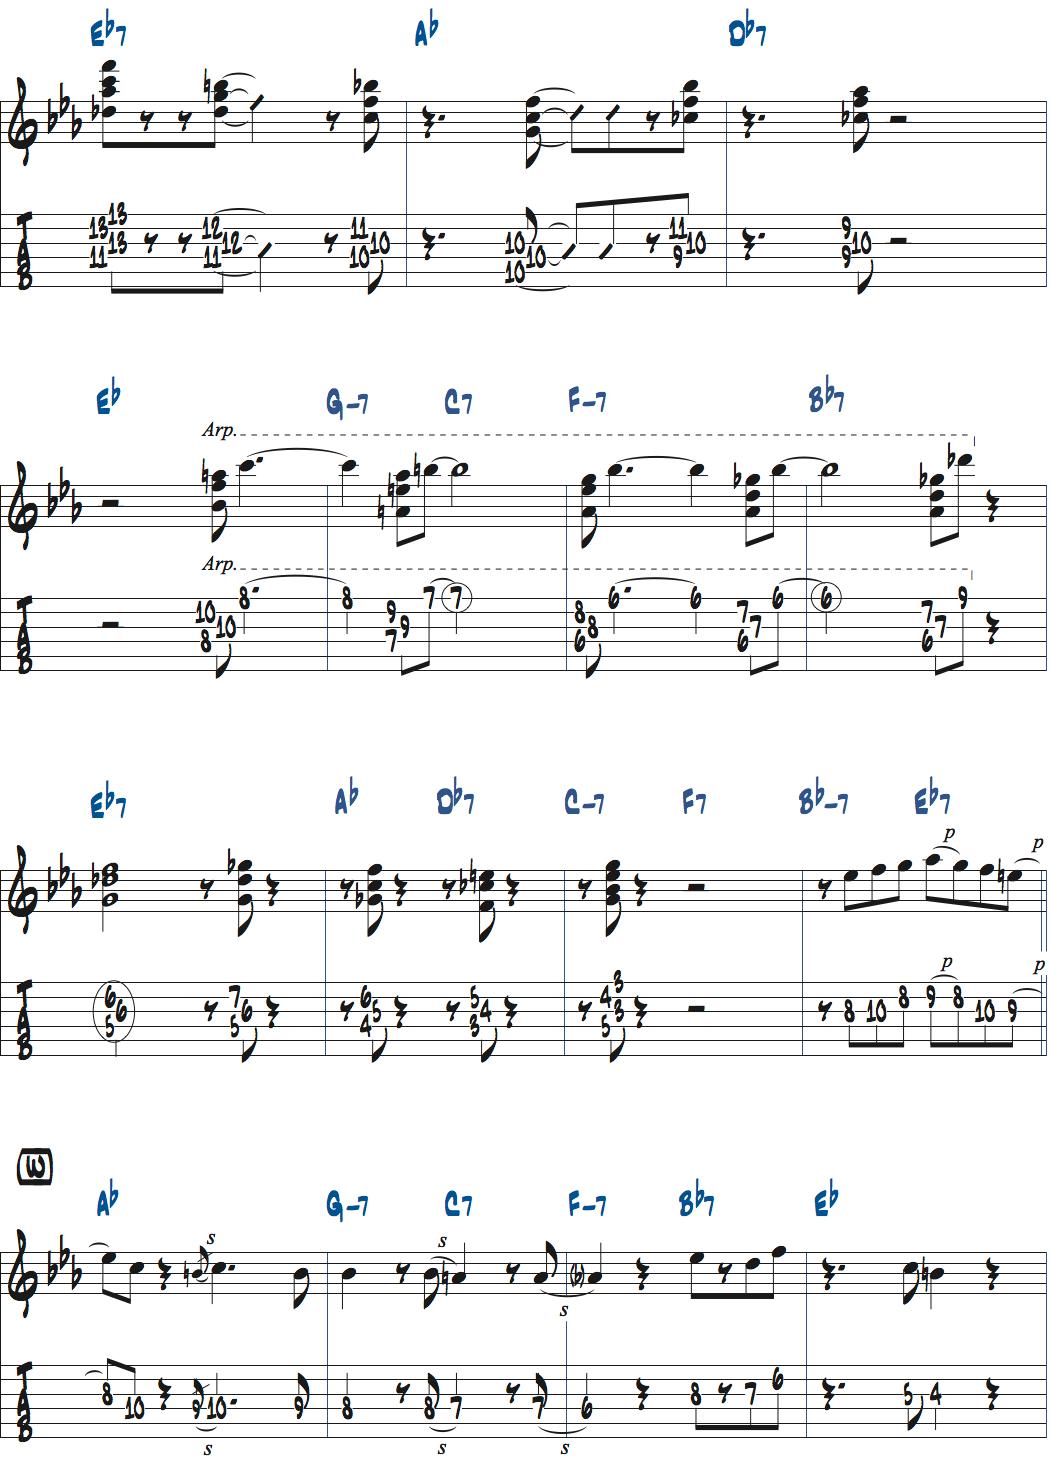 ジムホールのWithout a Songアドリブ2コーラス目楽譜ページ3